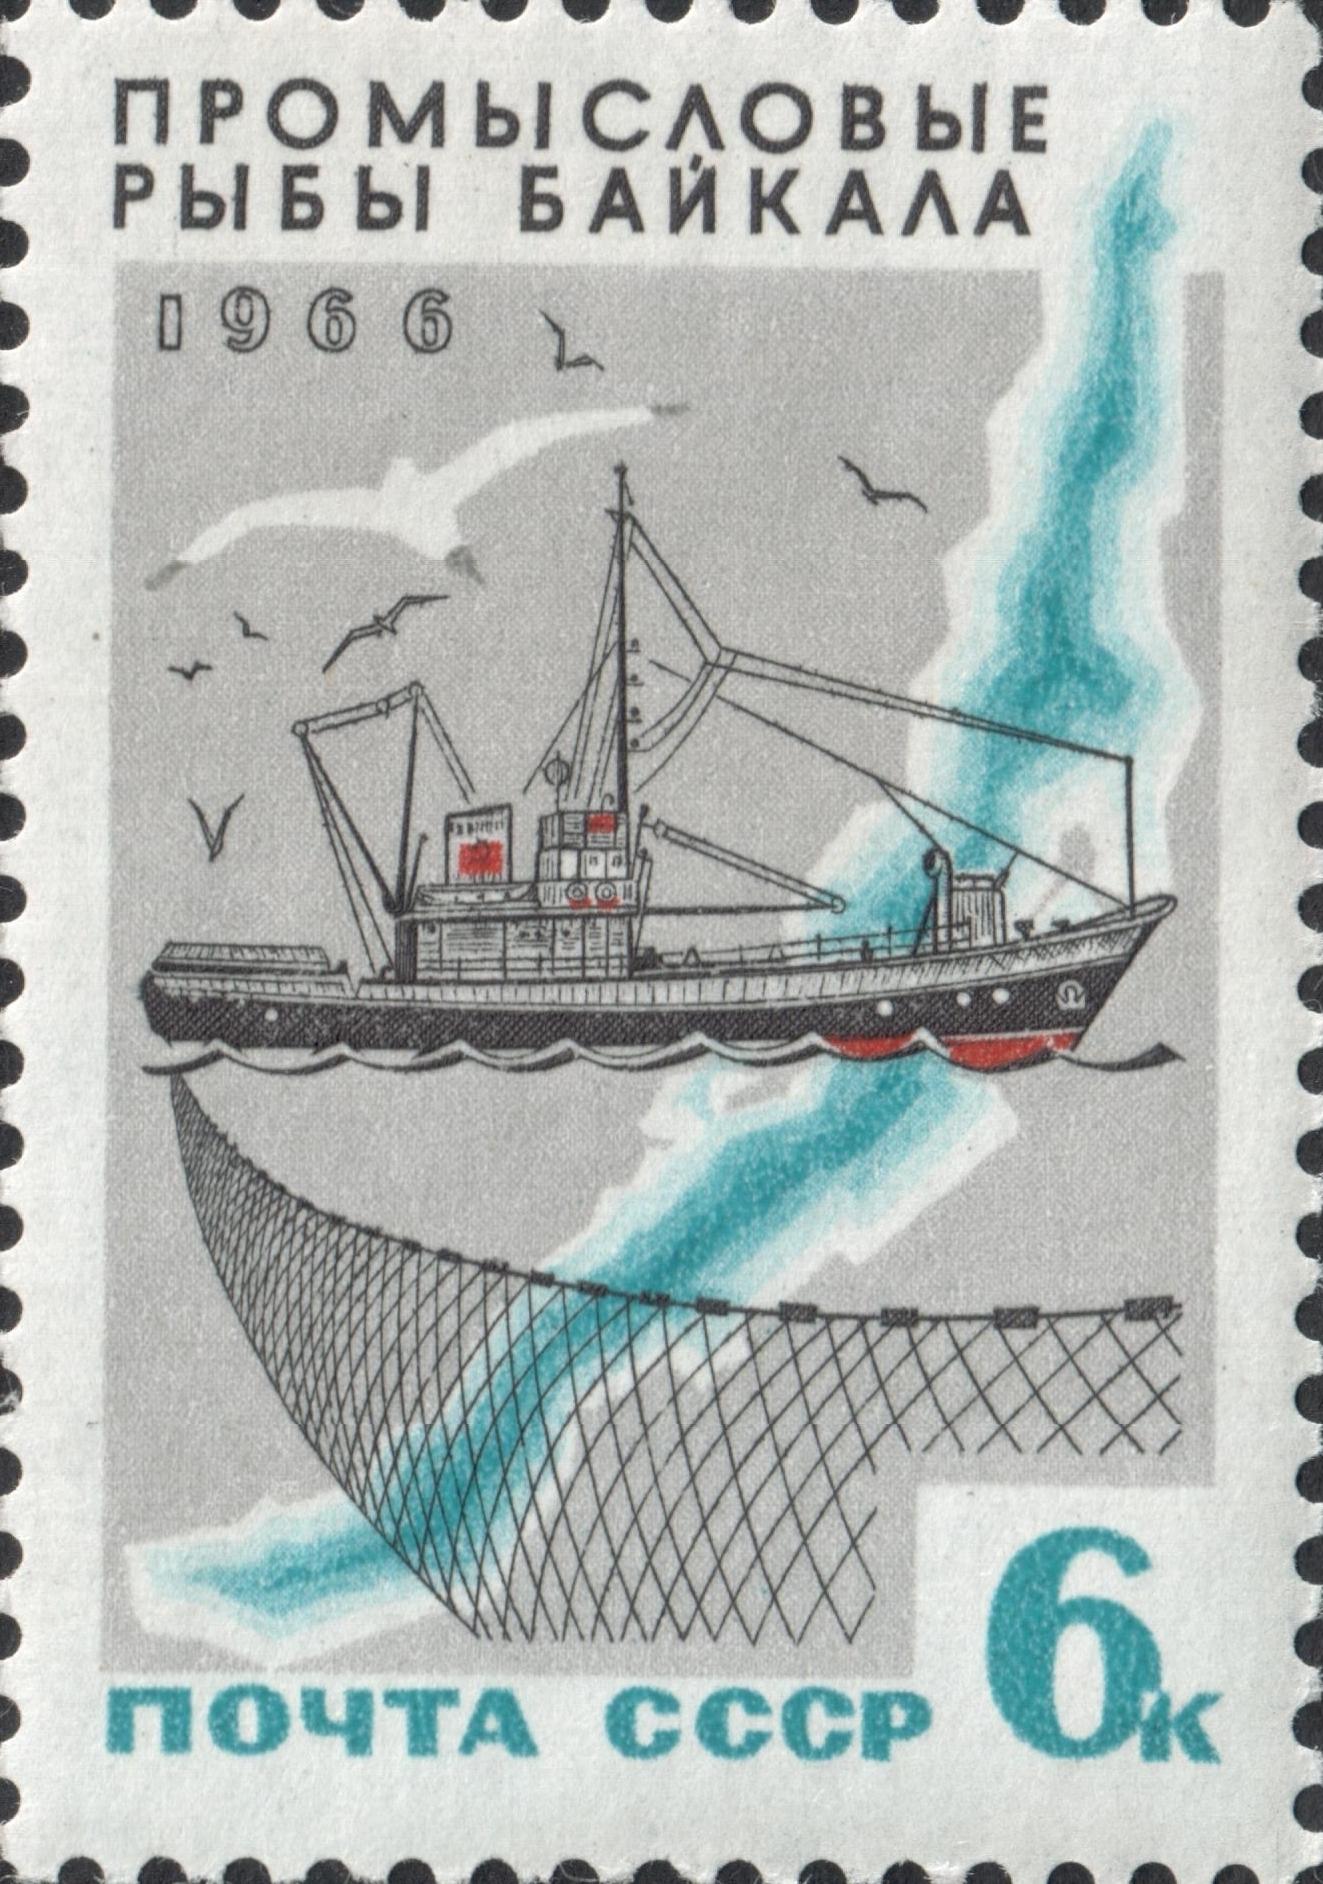 Промысловые рыбы Байкала